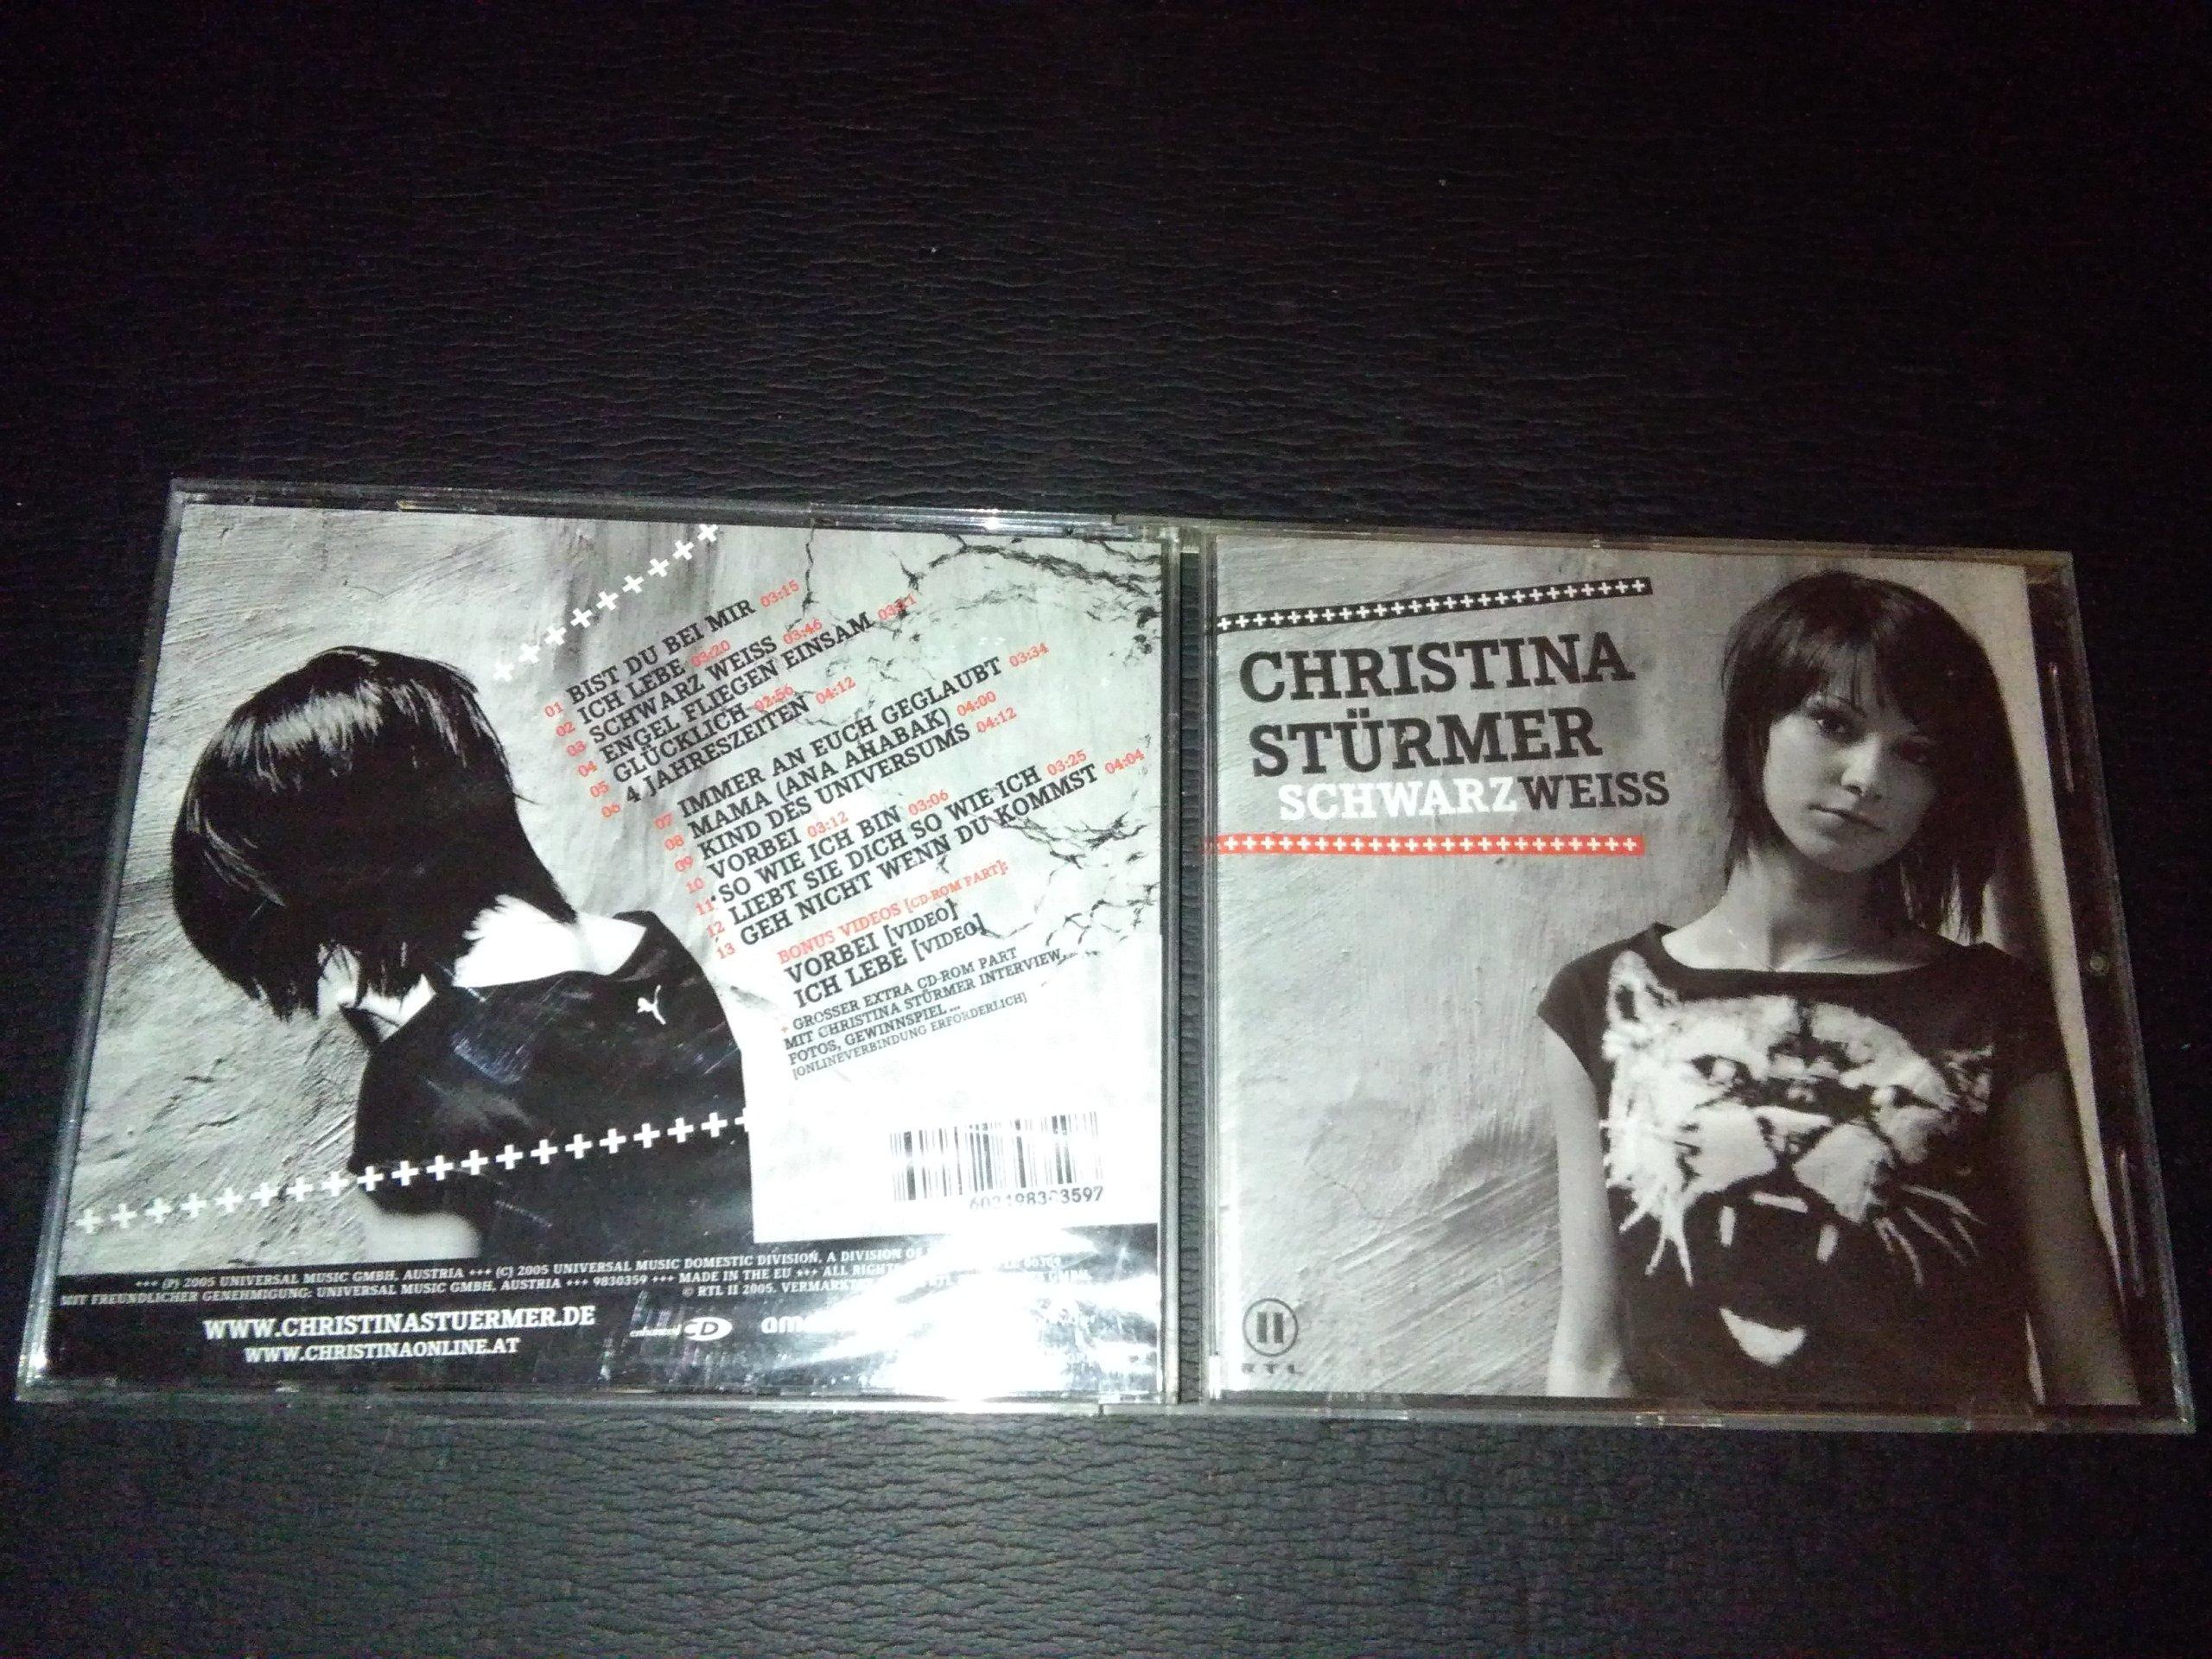 Christina Sturmer Schwarz Weiss